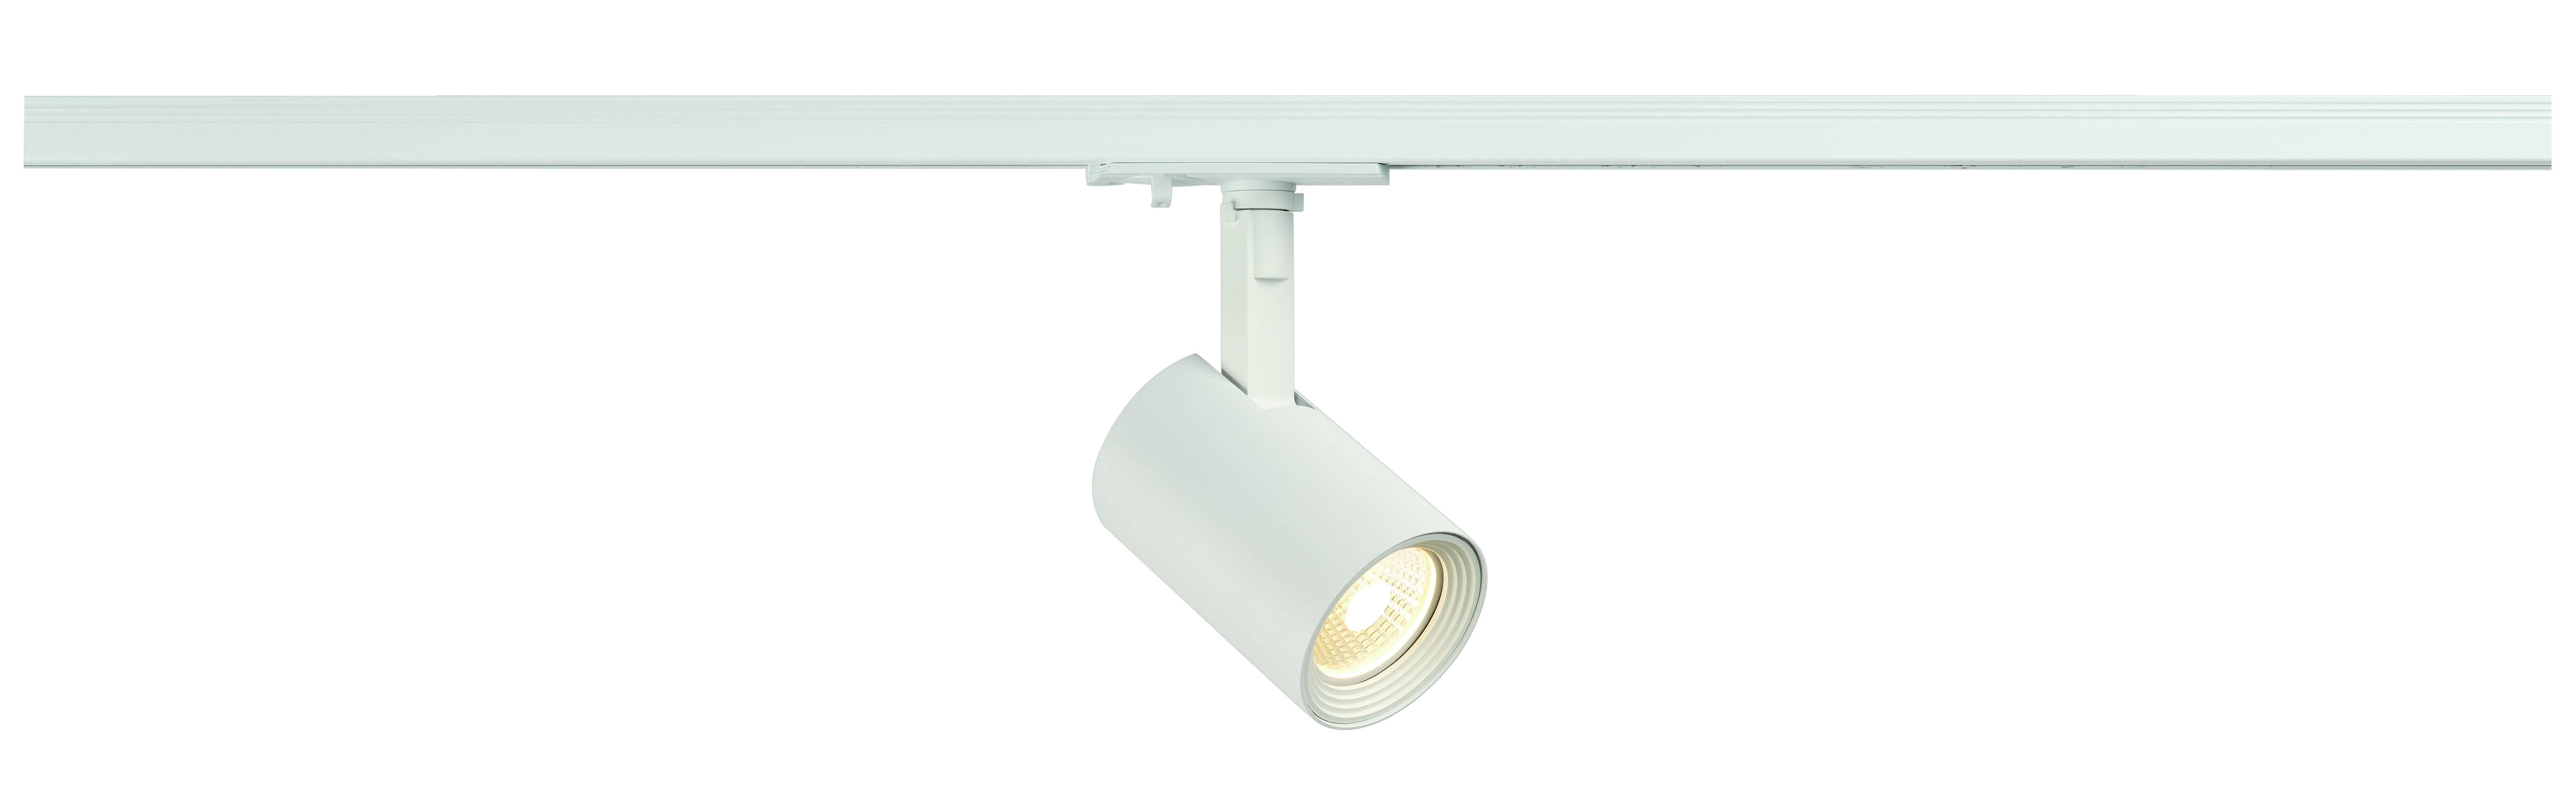 1 Stk Debasto LEDSpot,8W, 3000K, Ra=80, 360lm, rund, mattweiß LI143571--